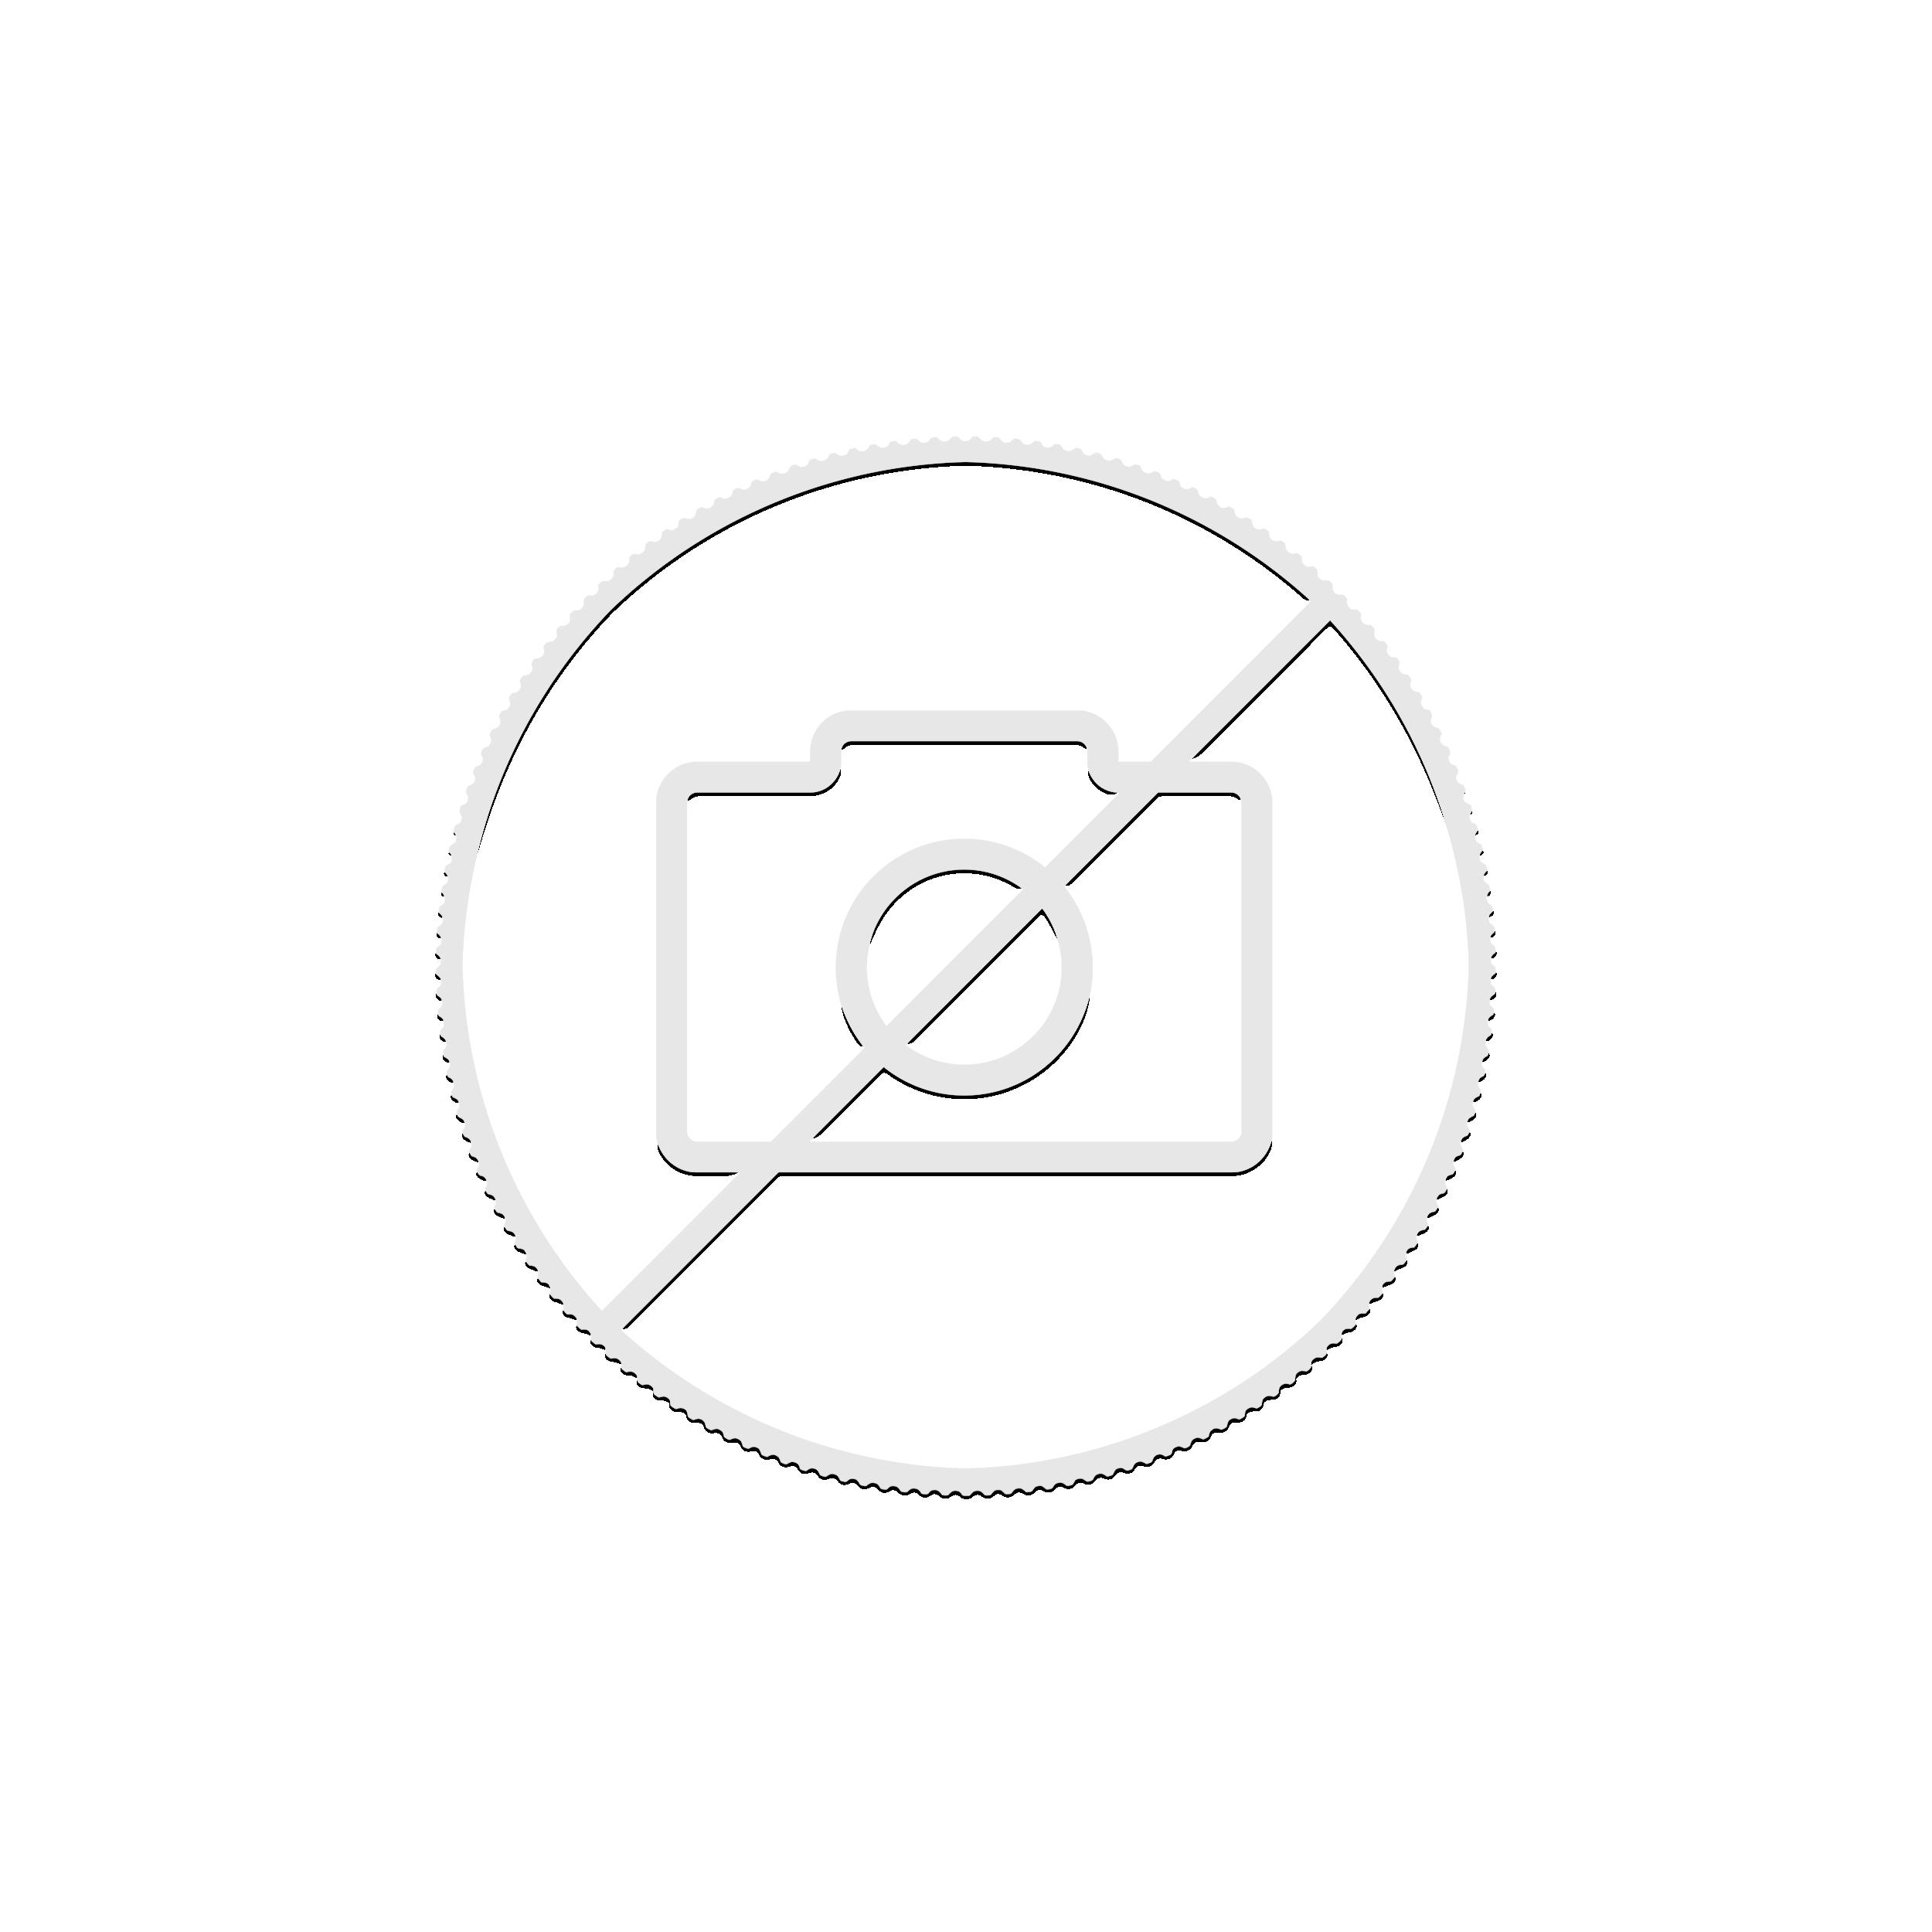 2 troy ounce silver coin Moutain Gorilla 2021